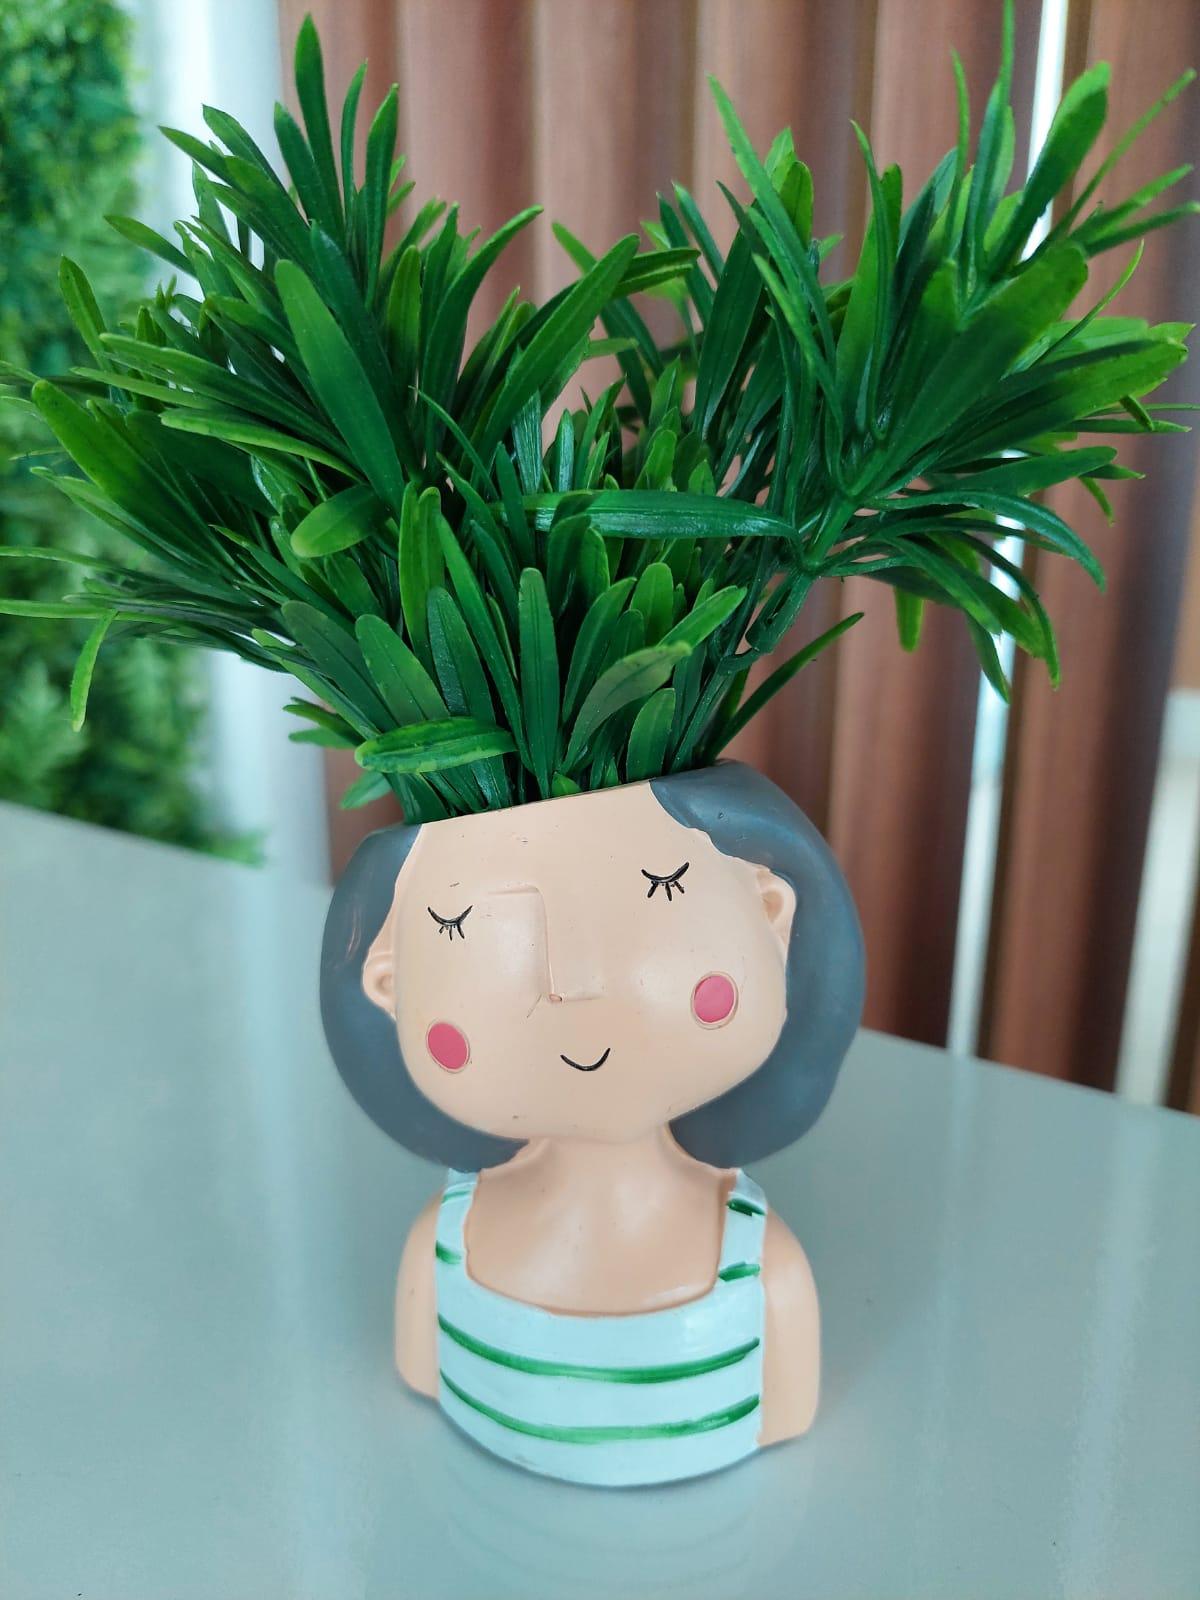 Vaso de Poliresina - Menininha de Blusa com Listras Verdes